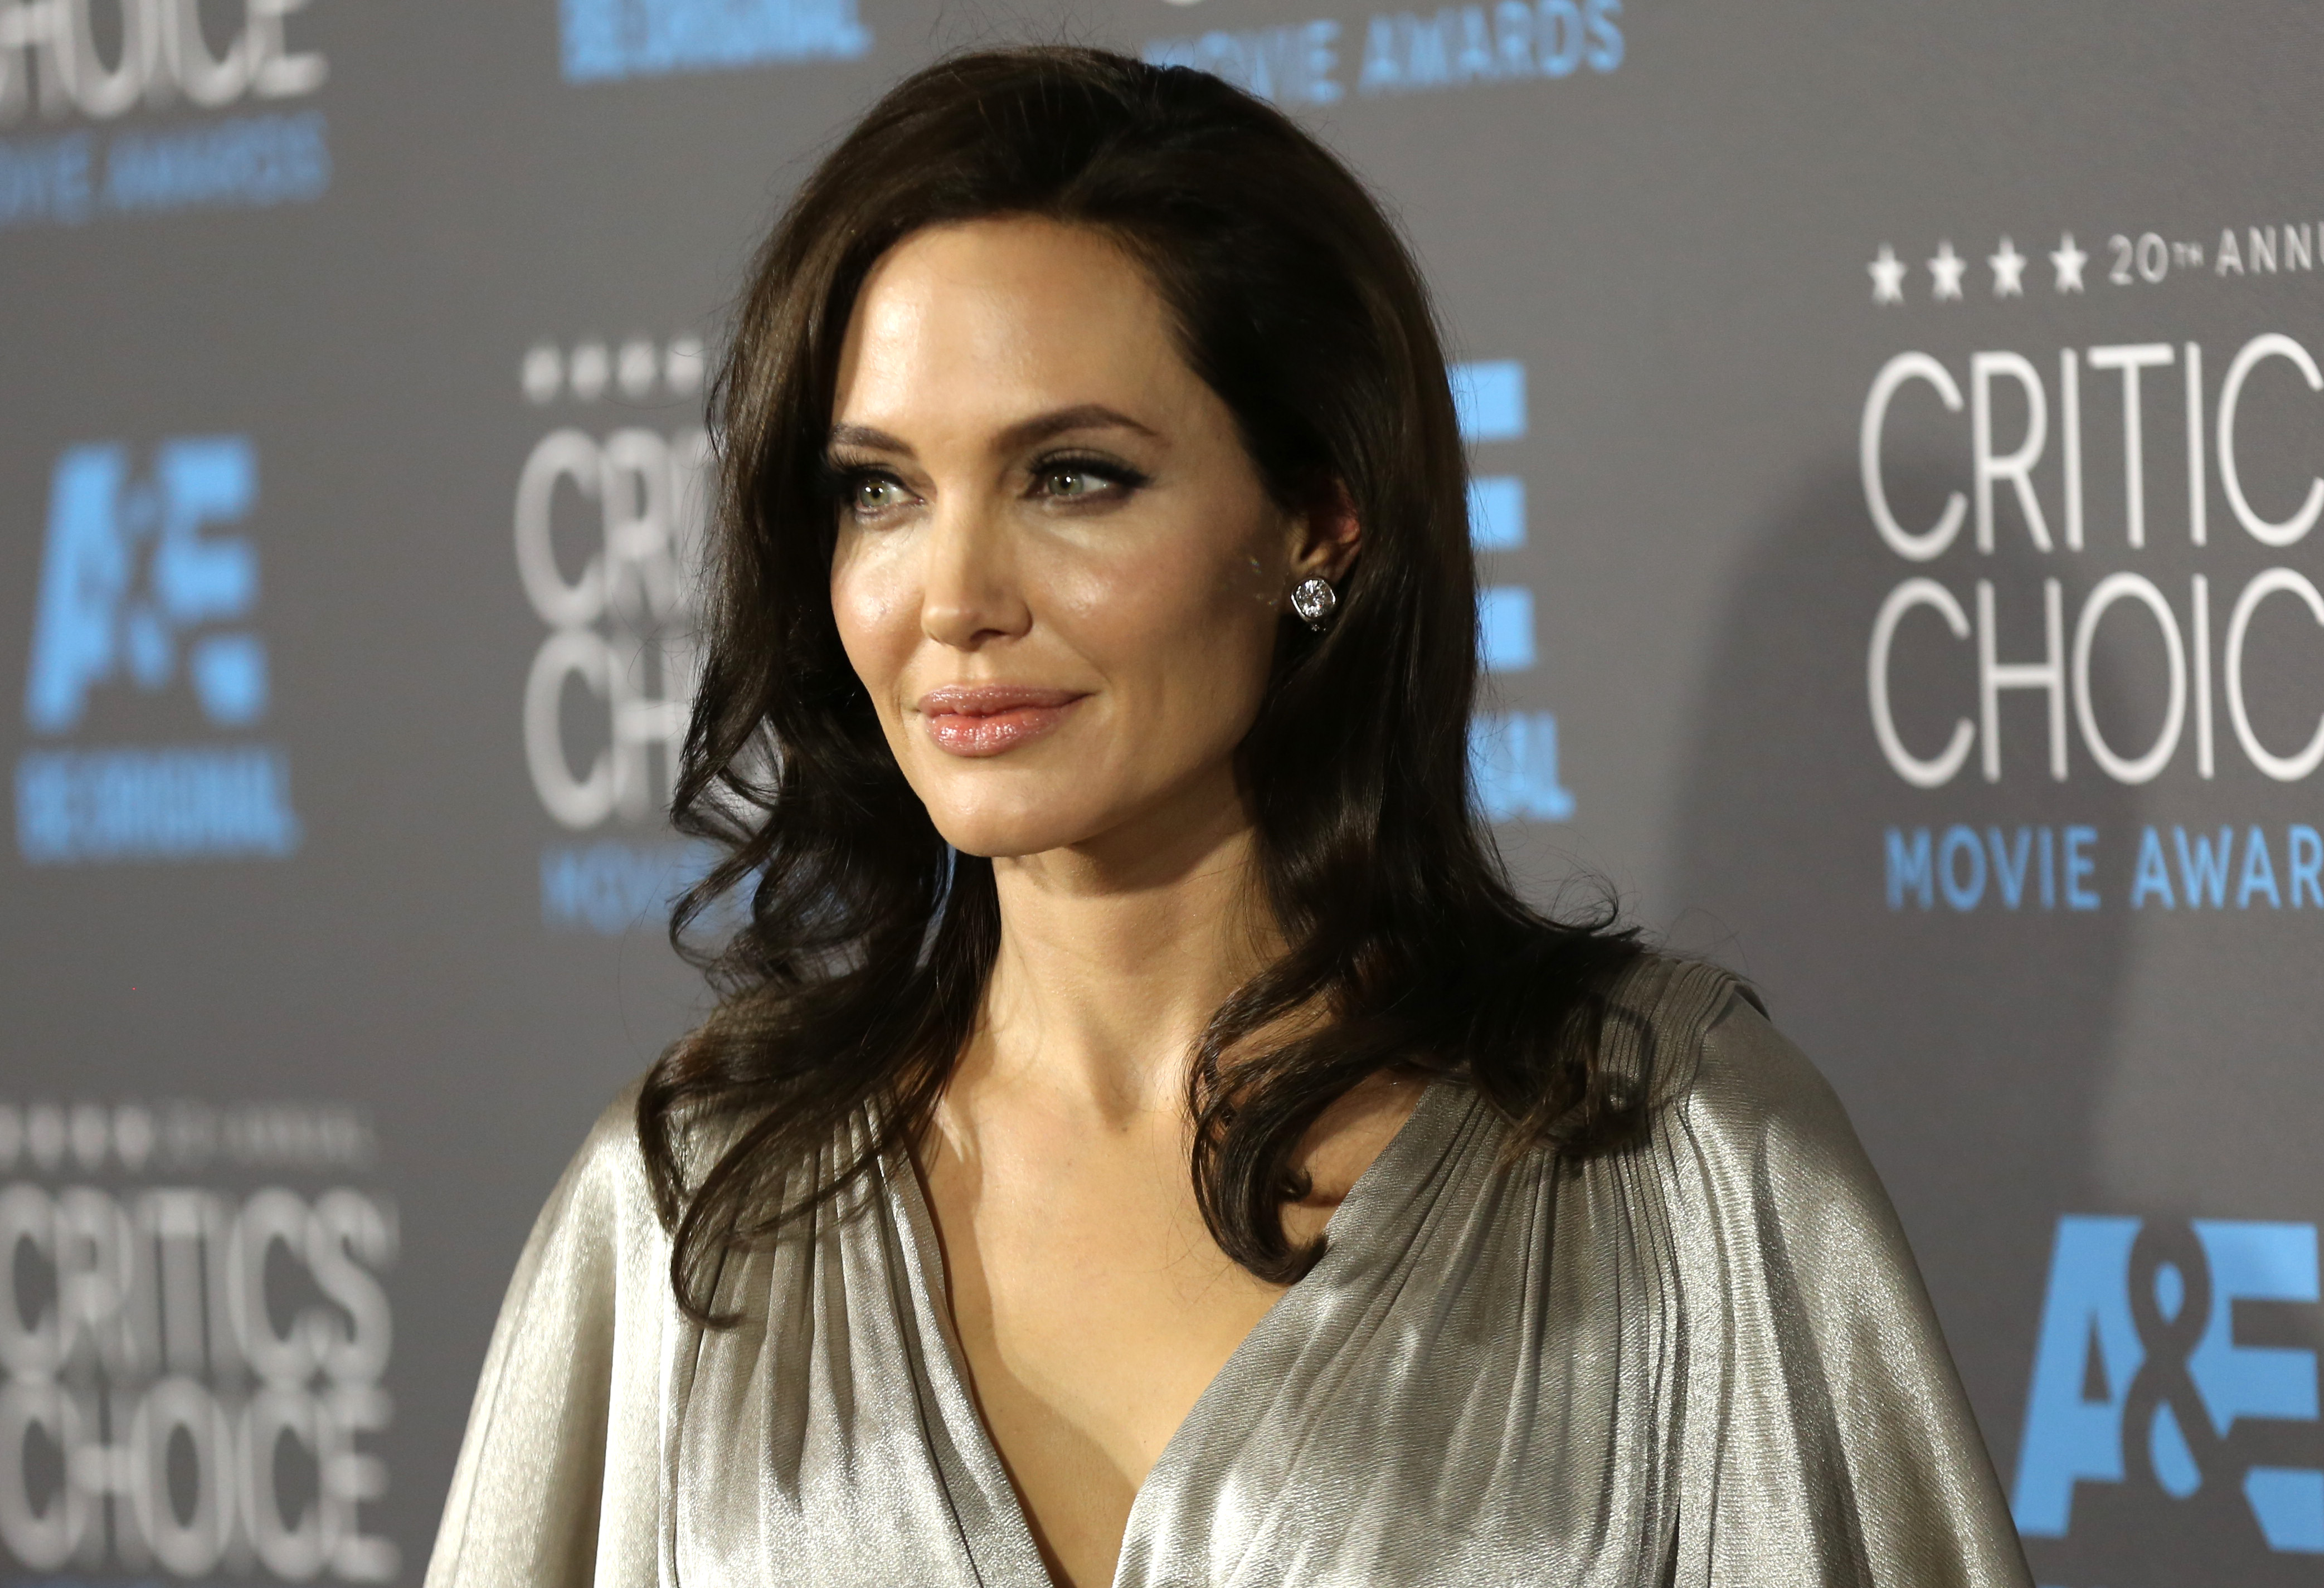 Анжелина Джоли подчеркнула фигуру платьем от Versace